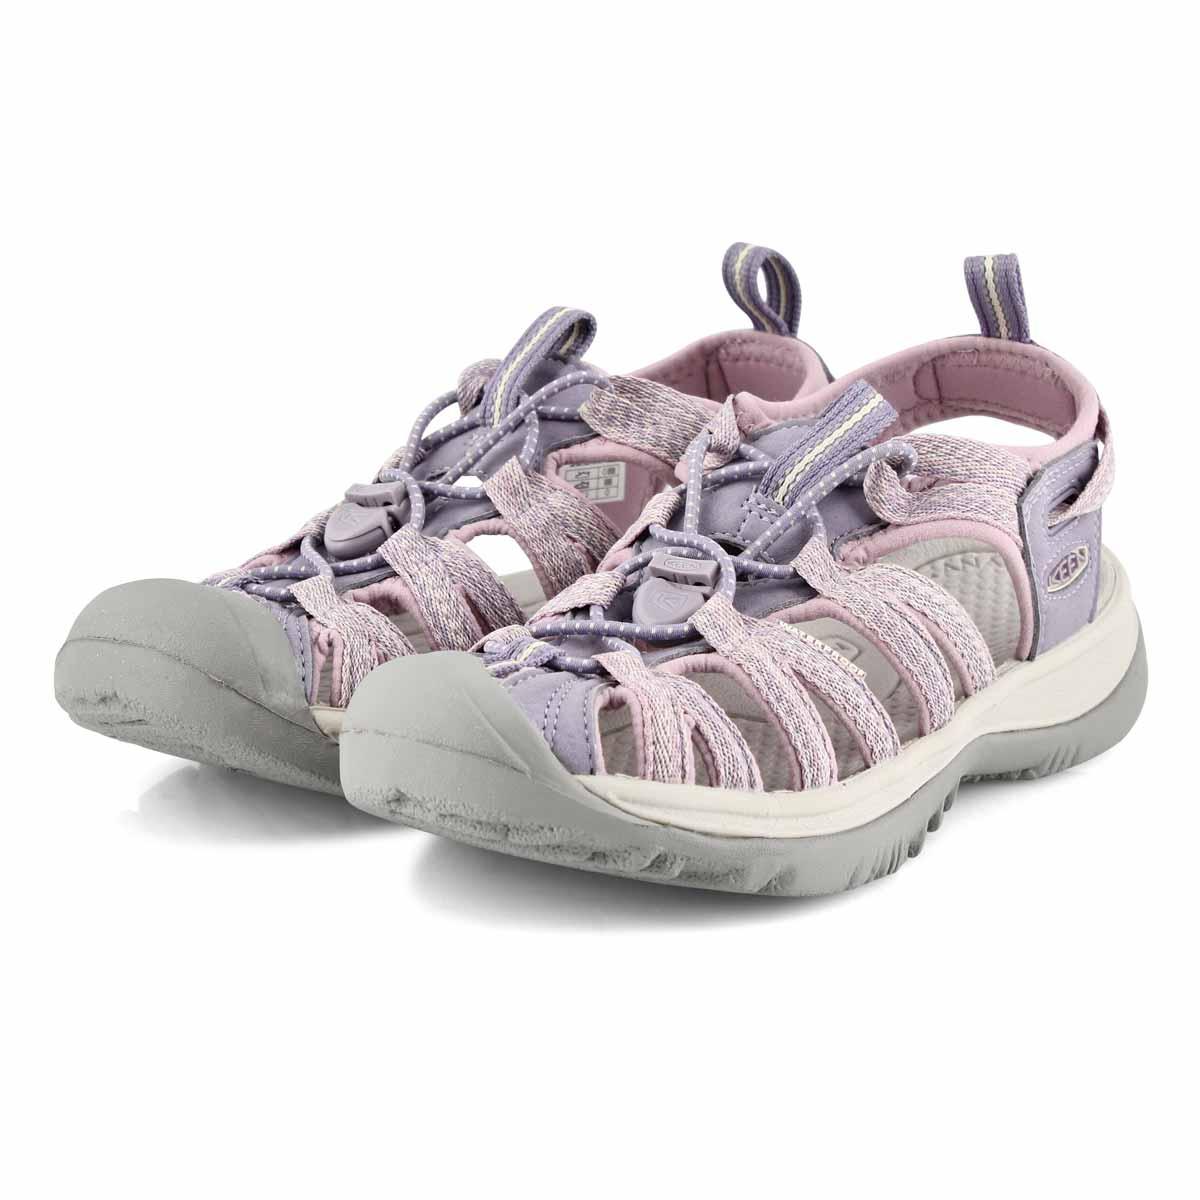 Women's Whisper Sport Sandal - Lavender/Pink